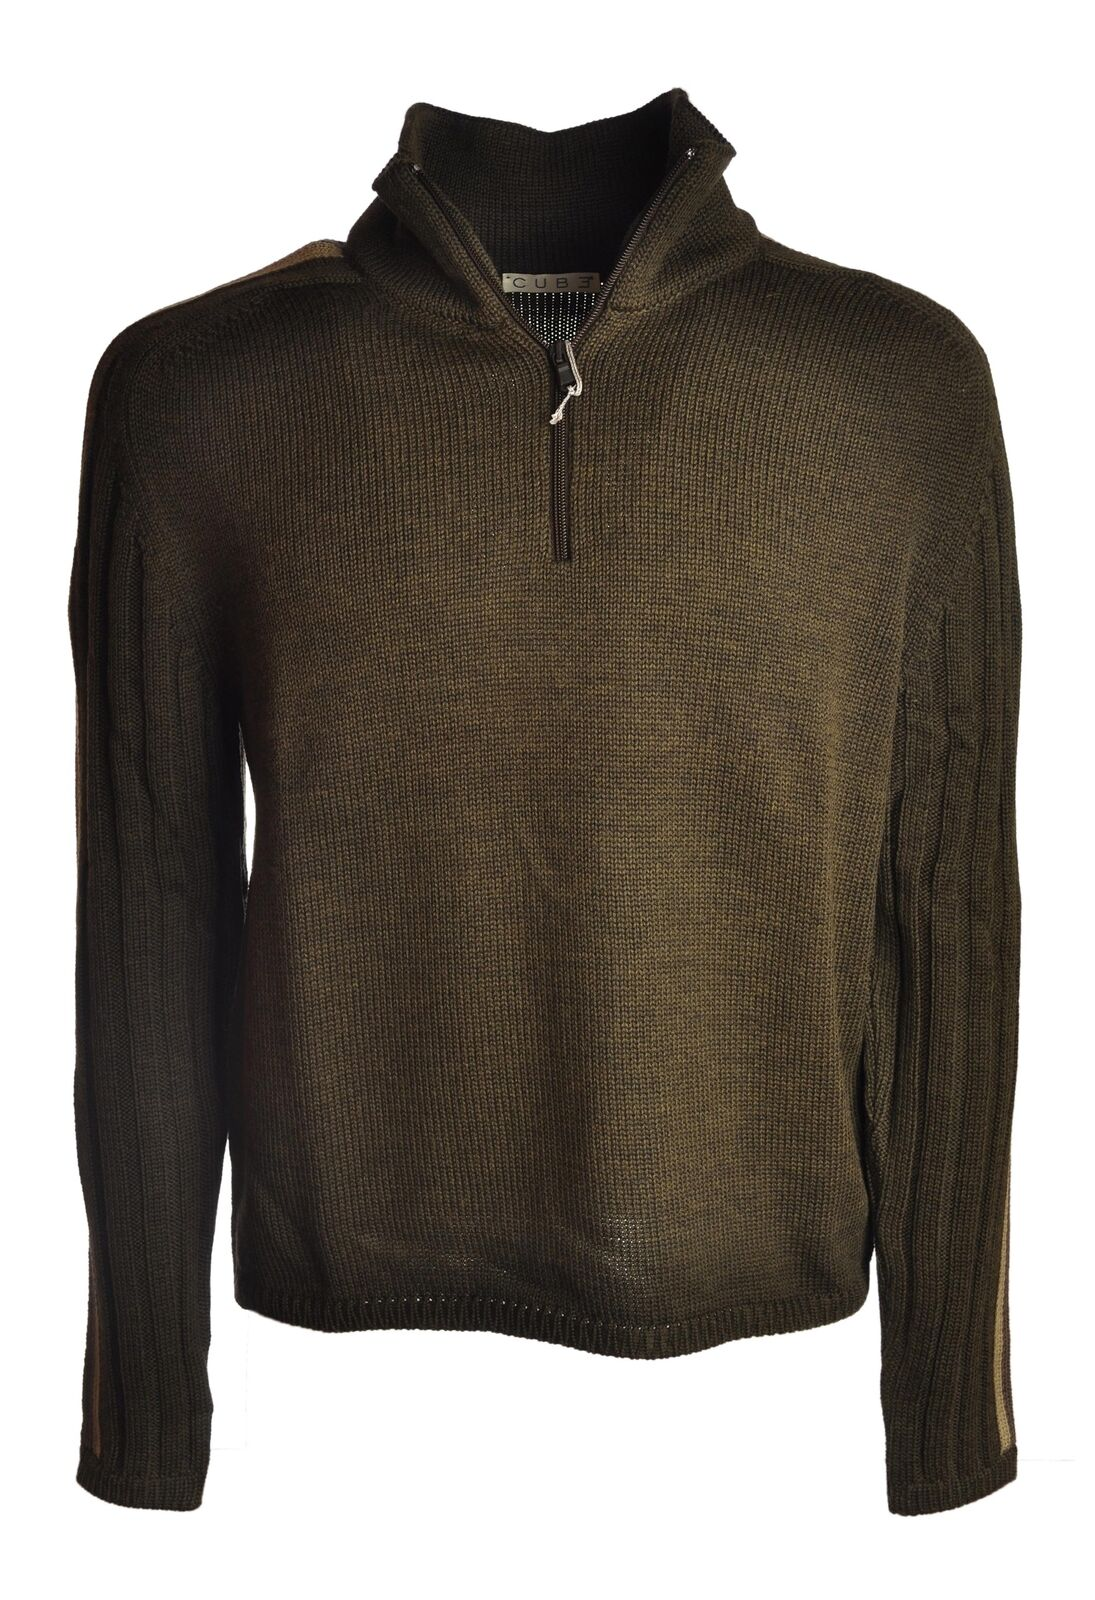 Cube  -  Sweaters - Male - Grün - 4366811L173212